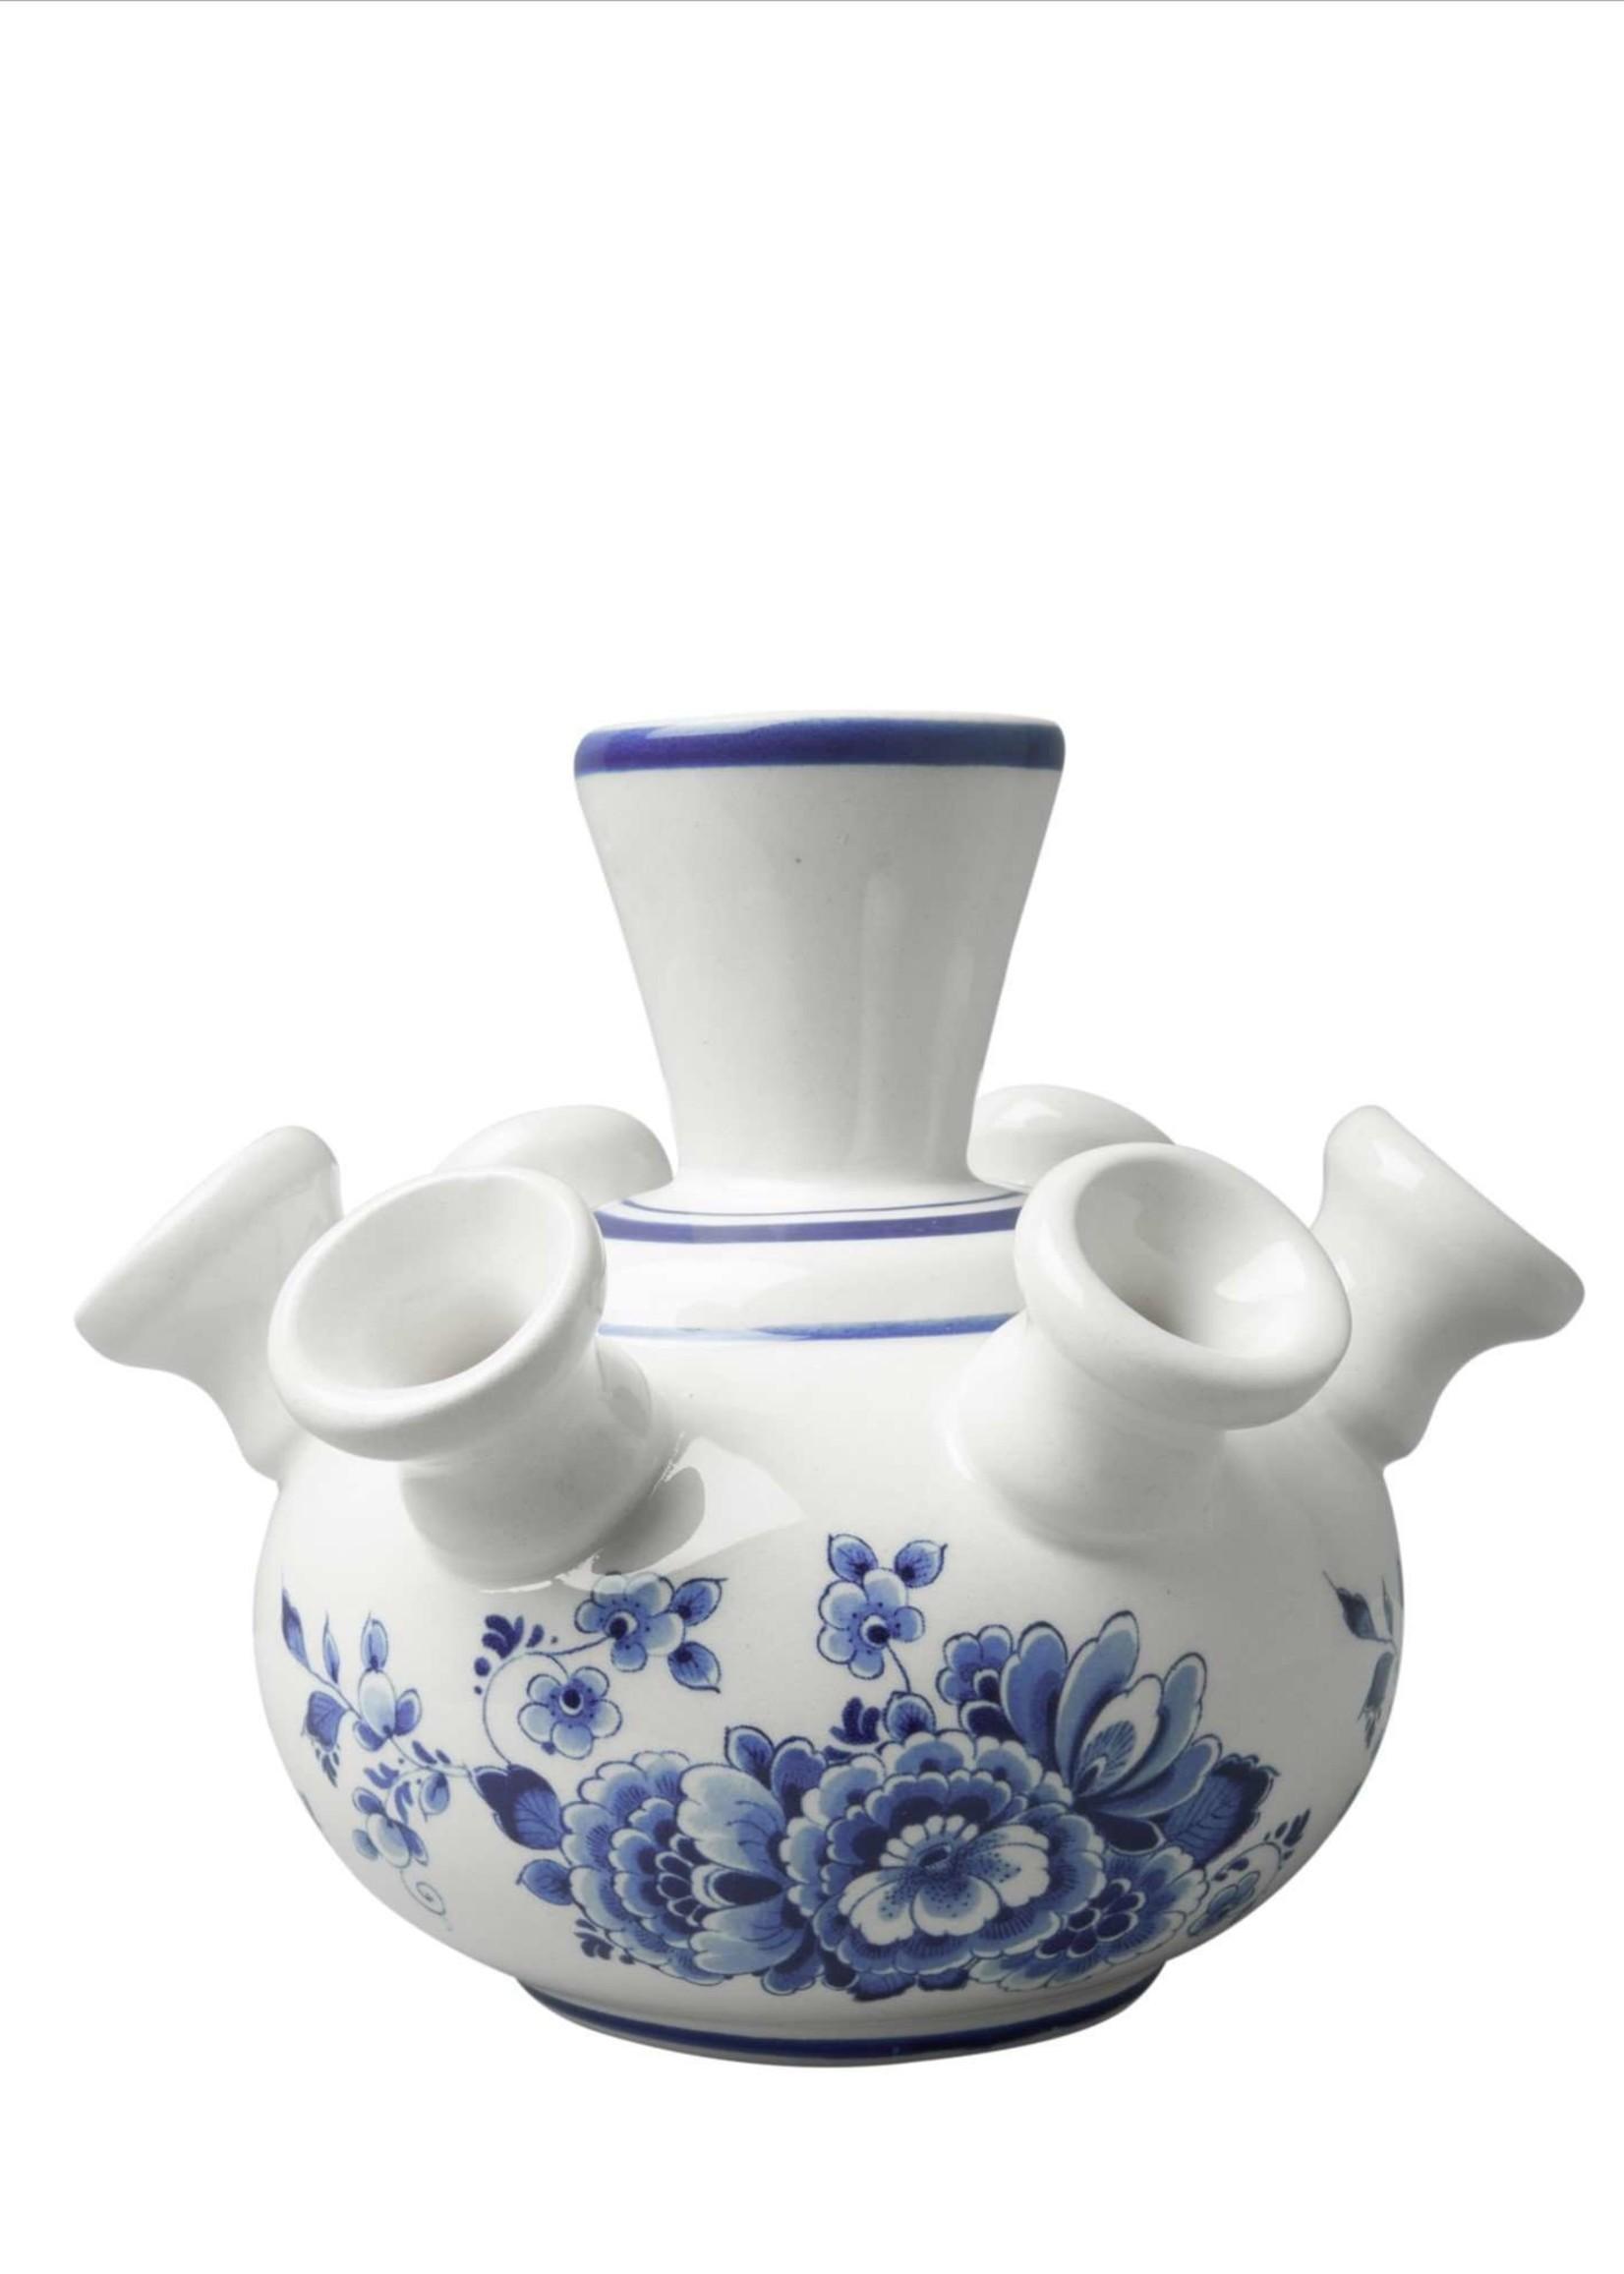 Heinen Delfts Blauw Delfts Blauwe Tulpen Vaas, Bloemen Motief, Klein